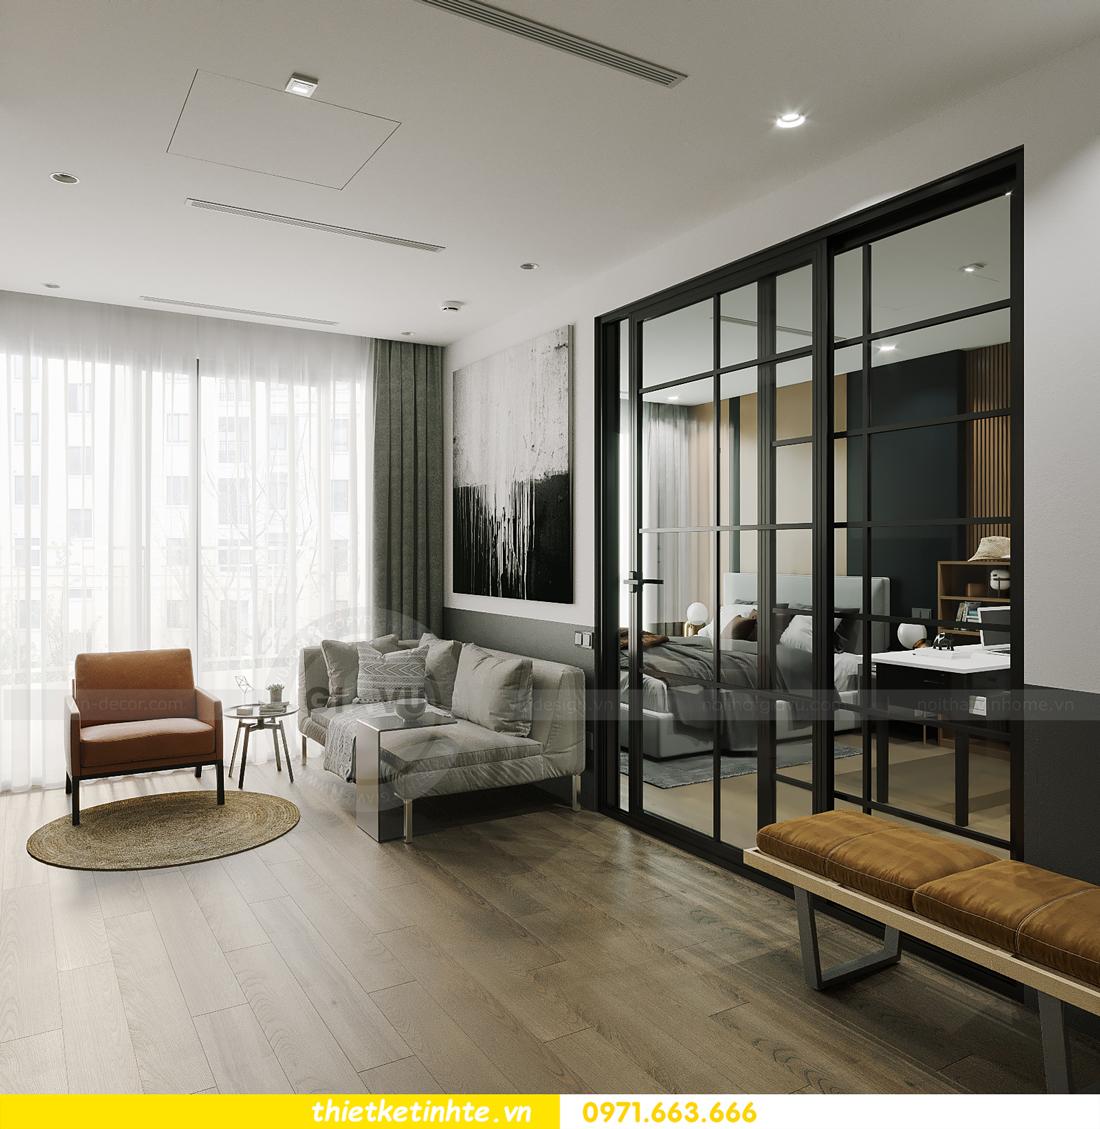 thiết kế nội thất căn hộ 1PN + 1 tại Vinhomes Smart City 5